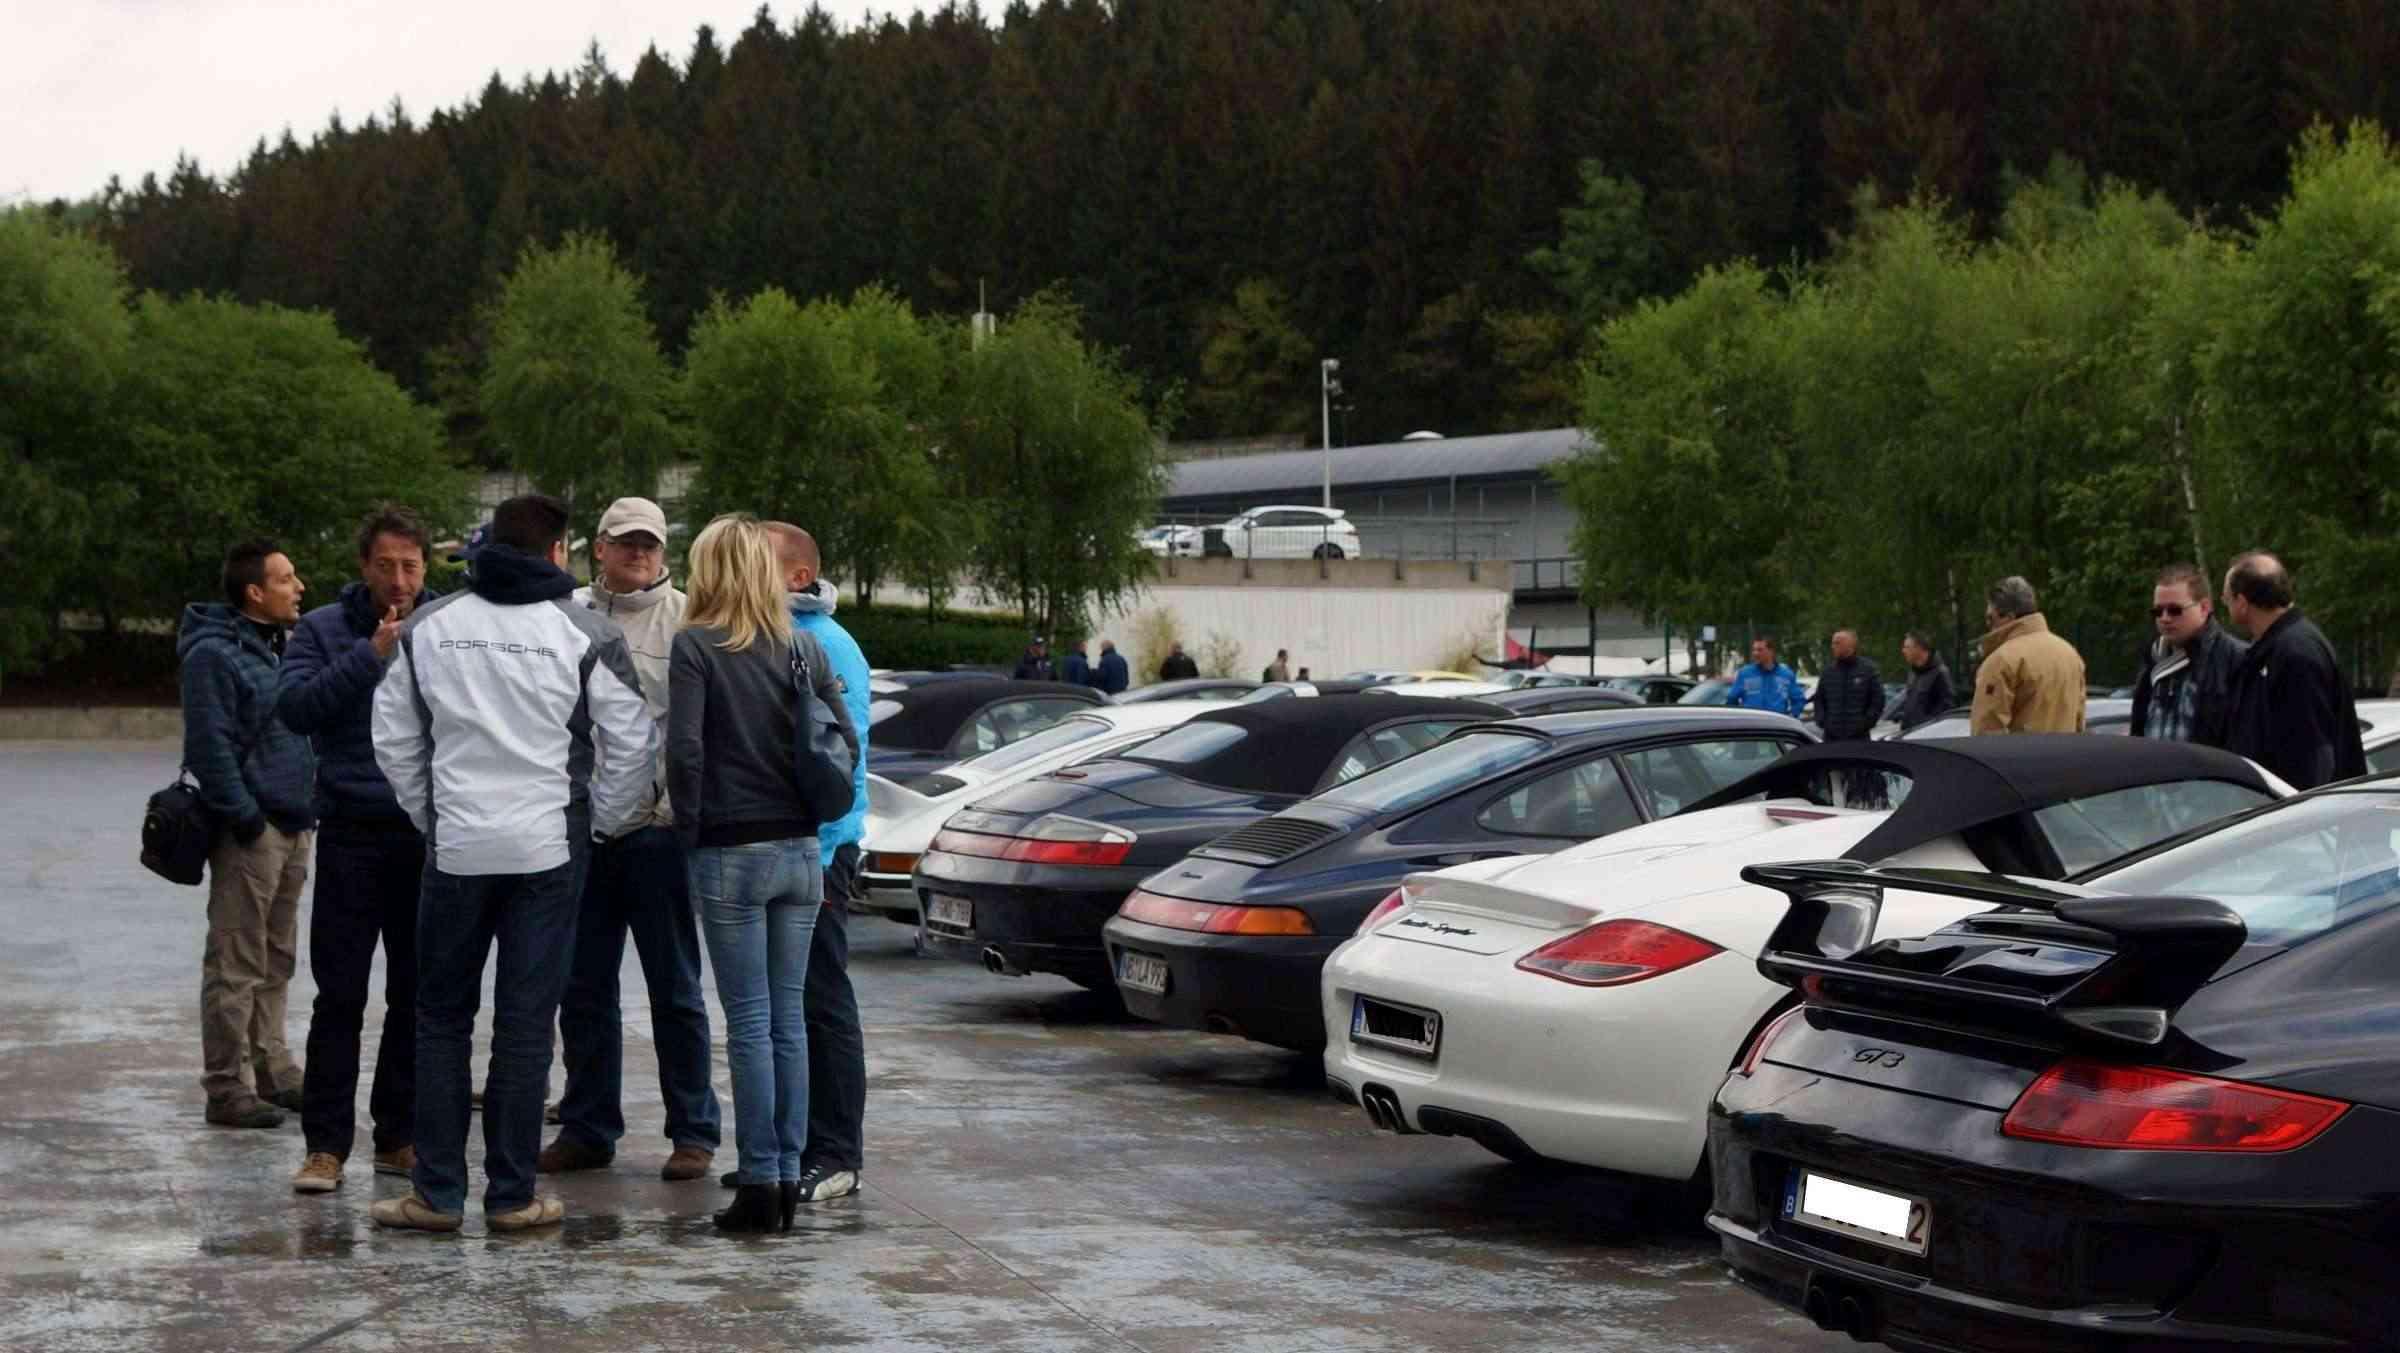 Compte rendu des Porsche Days Francorchamps 2014 Dsc01113